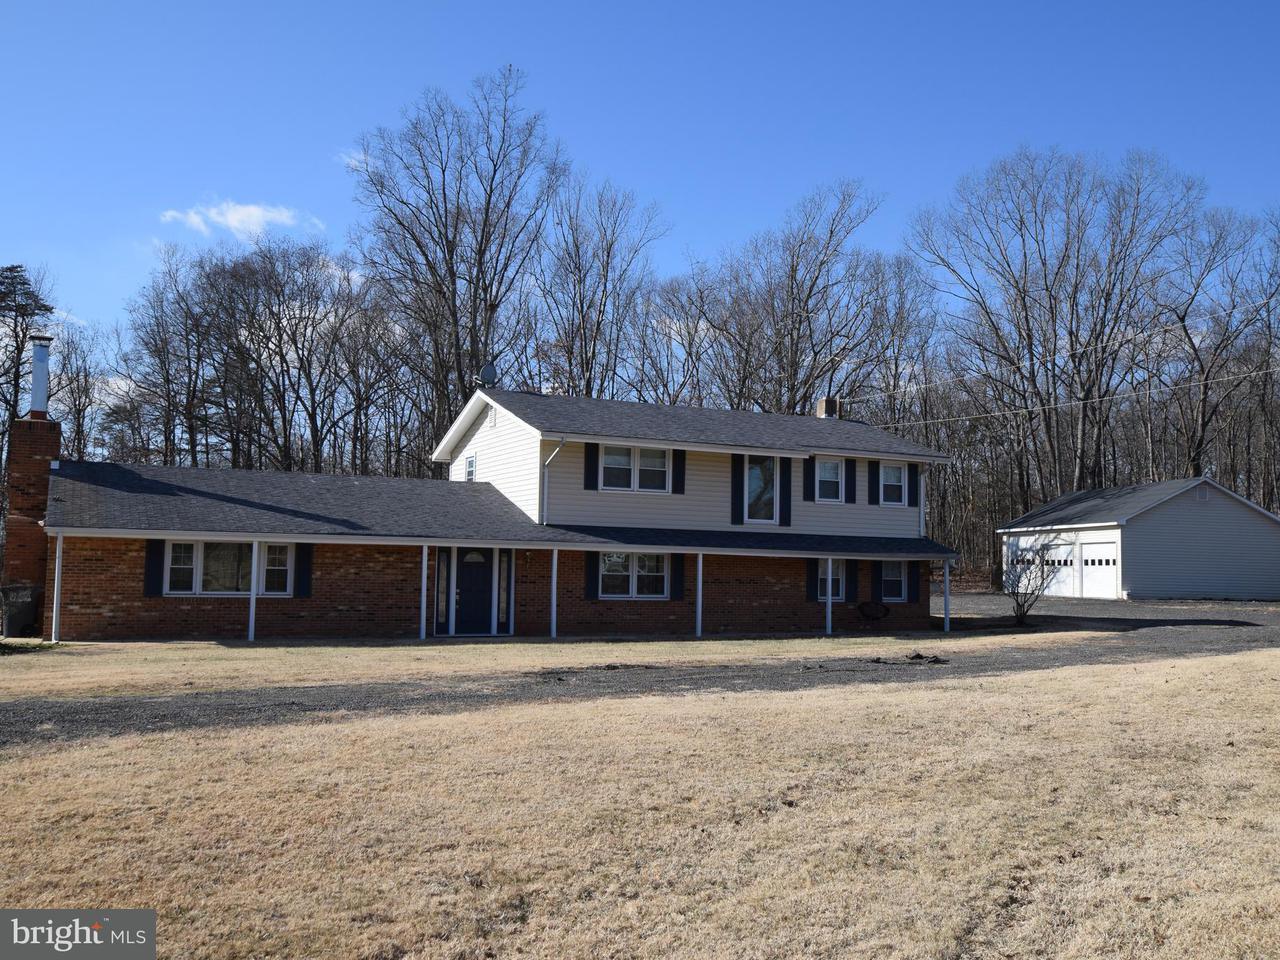 Частный односемейный дом для того Продажа на 5008 Sudley Road 5008 Sudley Road Catharpin, Виргиния 20143 Соединенные Штаты